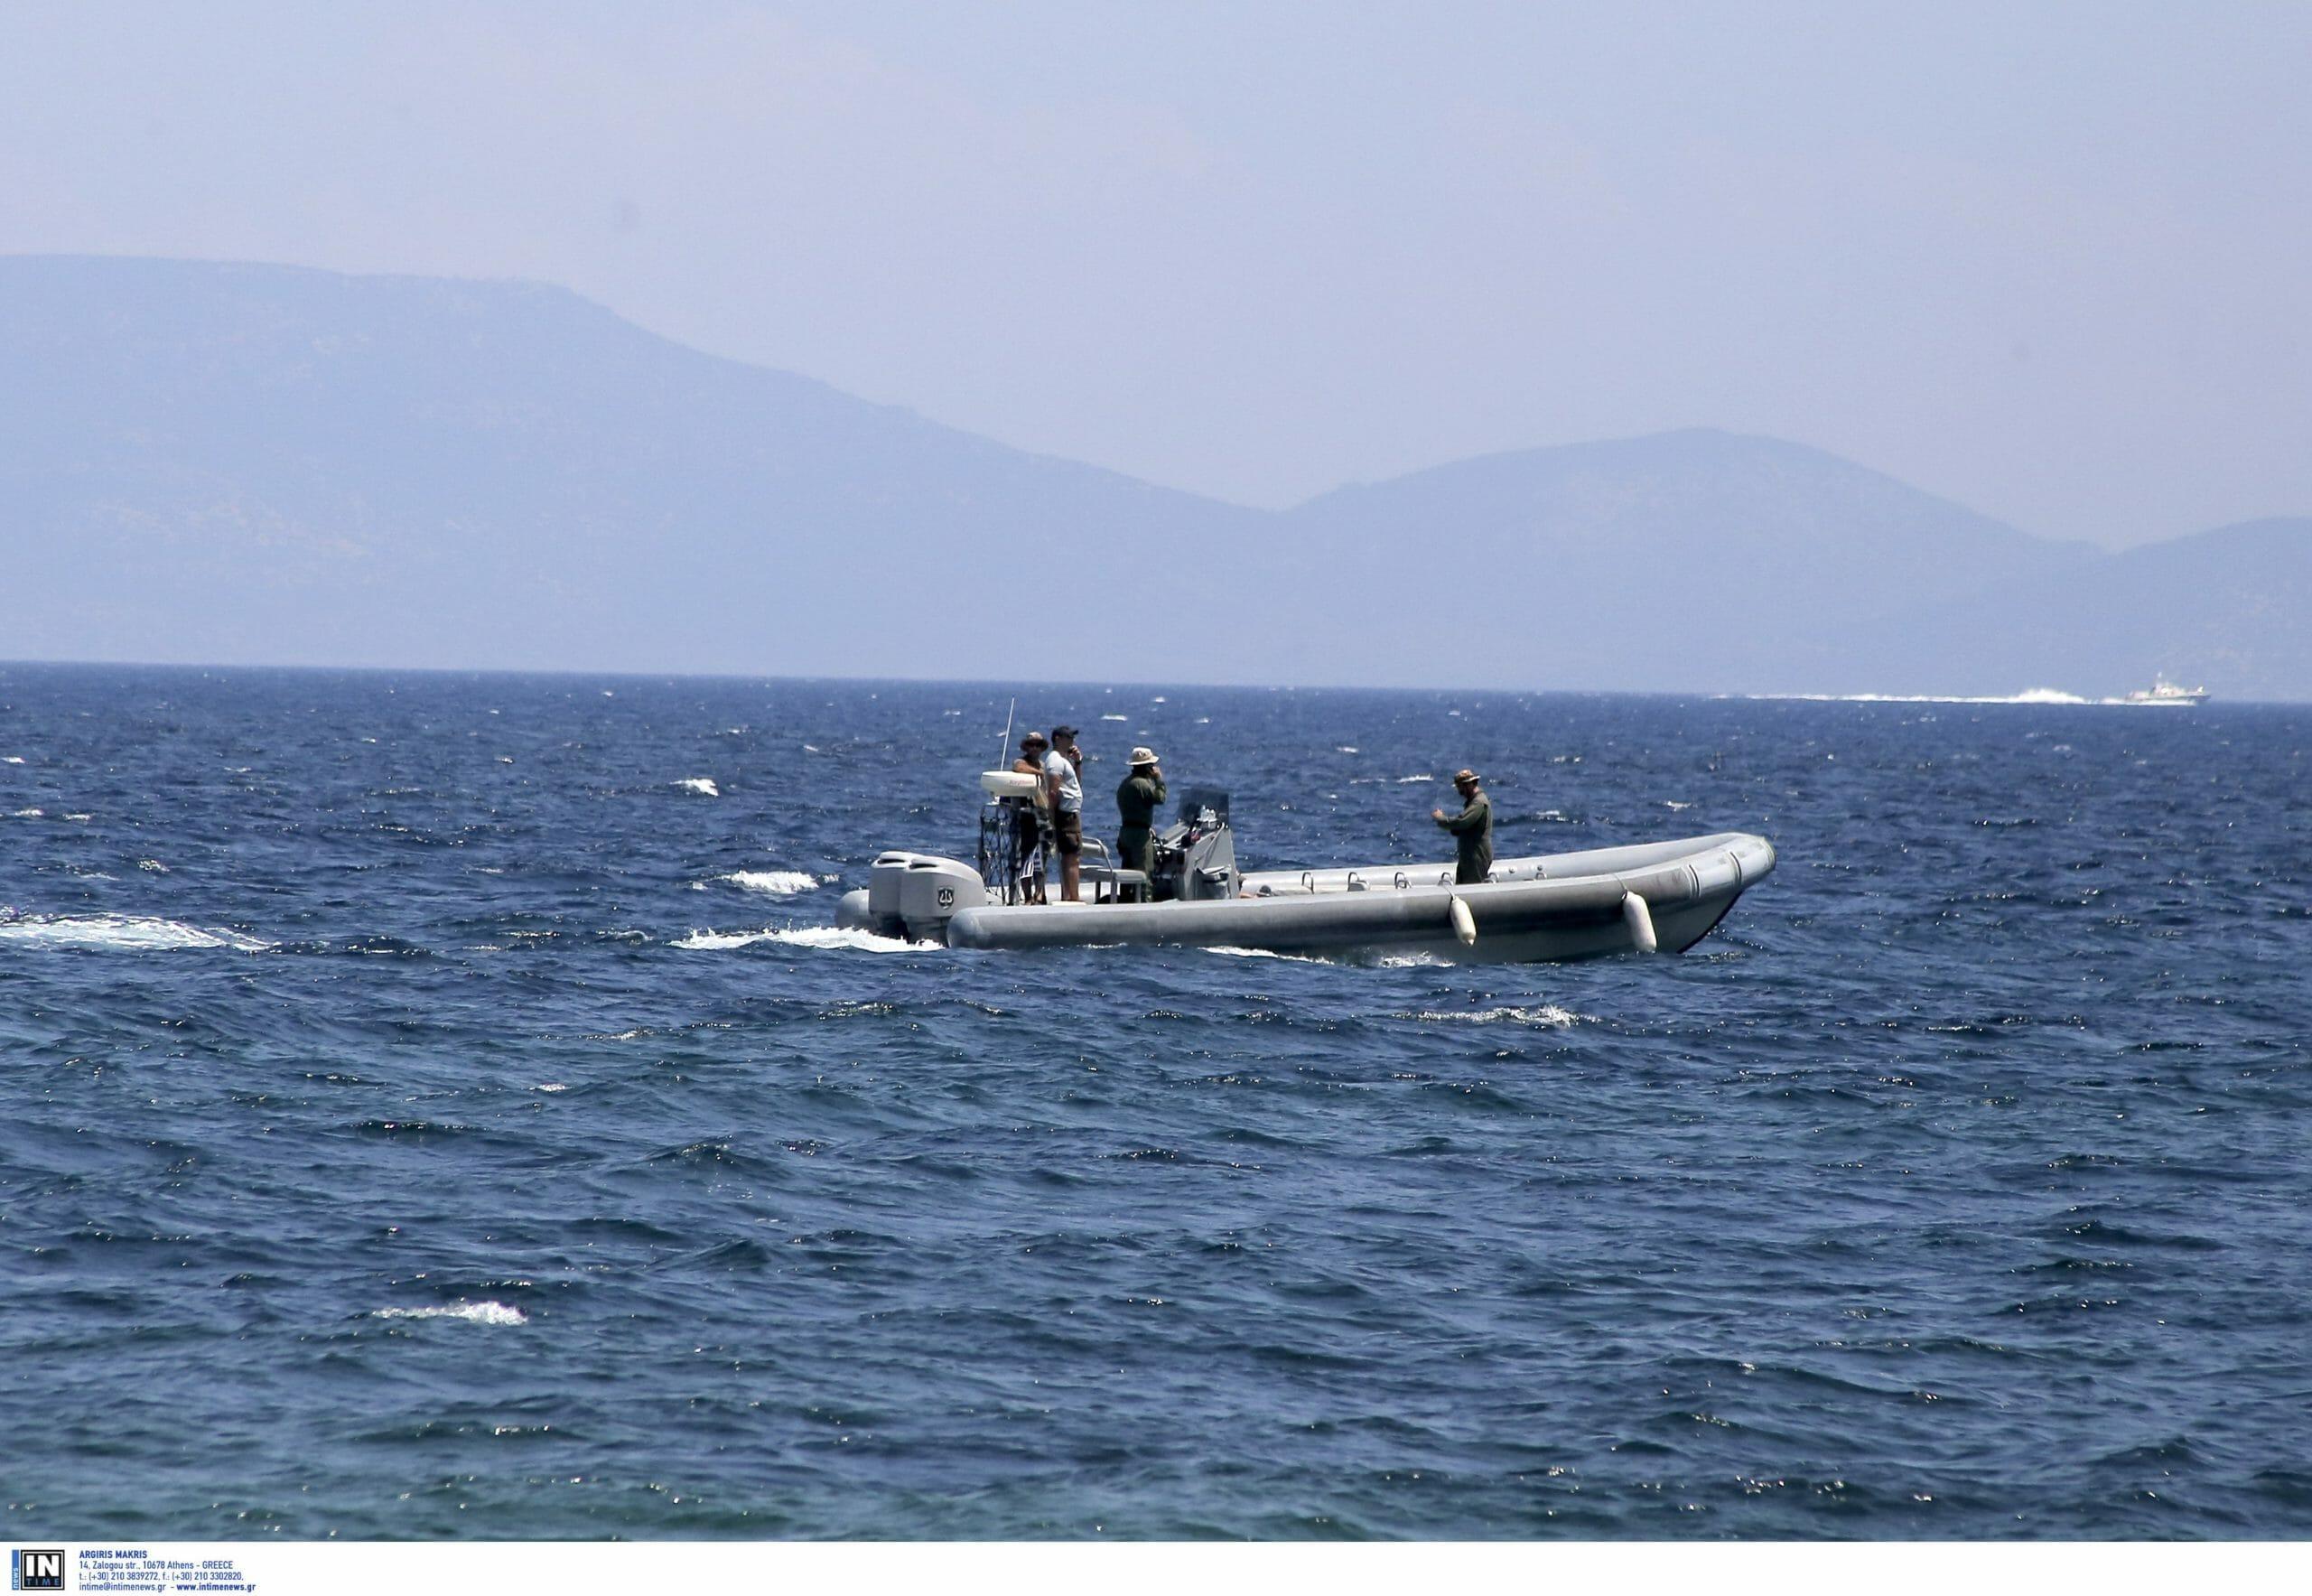 Θάσος: Νεκρός άνδρας στη θαλάσσια περιοχή κοντά στη Σκάλα Πρίνου